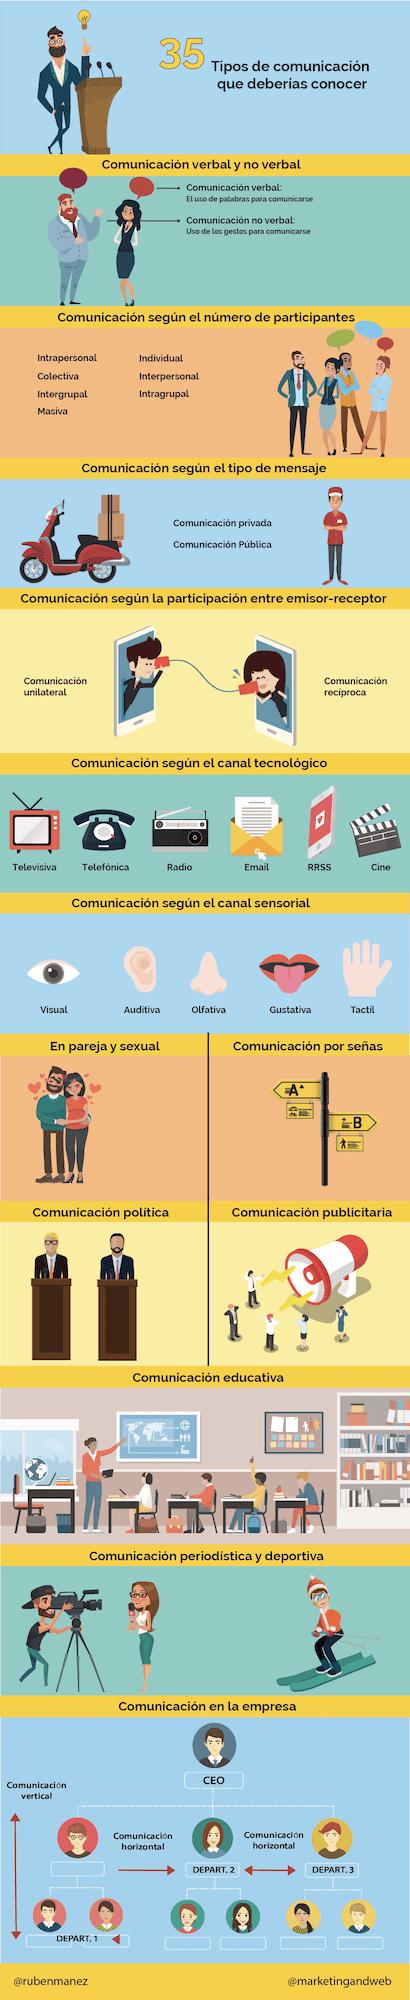 infografia tipos de comunicación